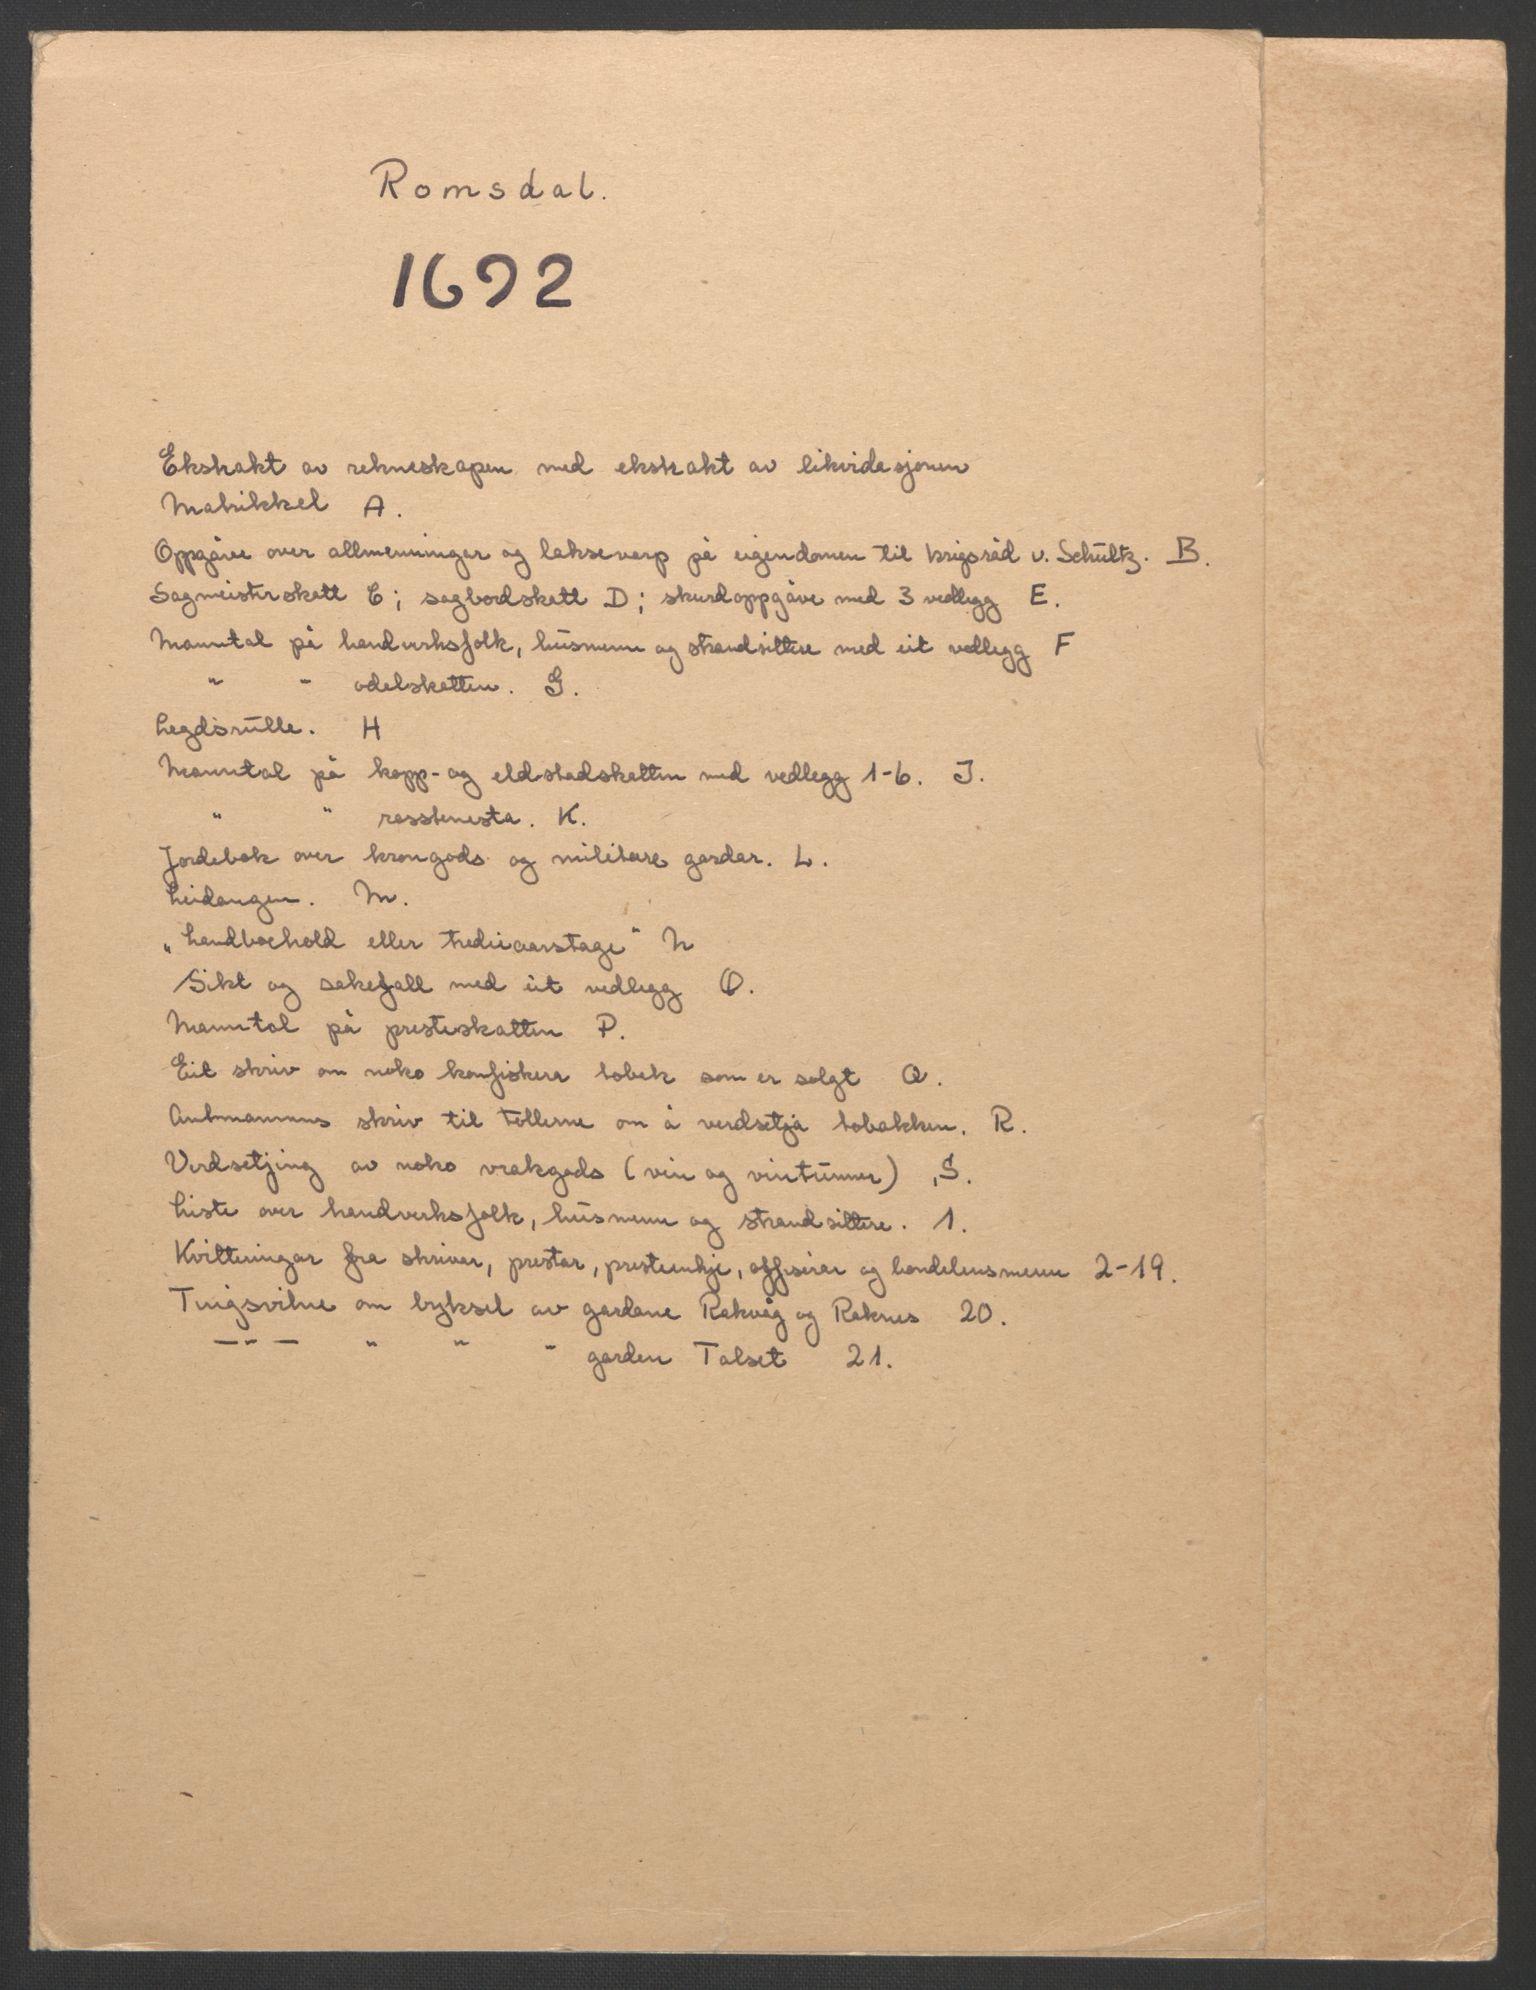 RA, Rentekammeret inntil 1814, Reviderte regnskaper, Fogderegnskap, R55/L3650: Fogderegnskap Romsdal, 1692, s. 2